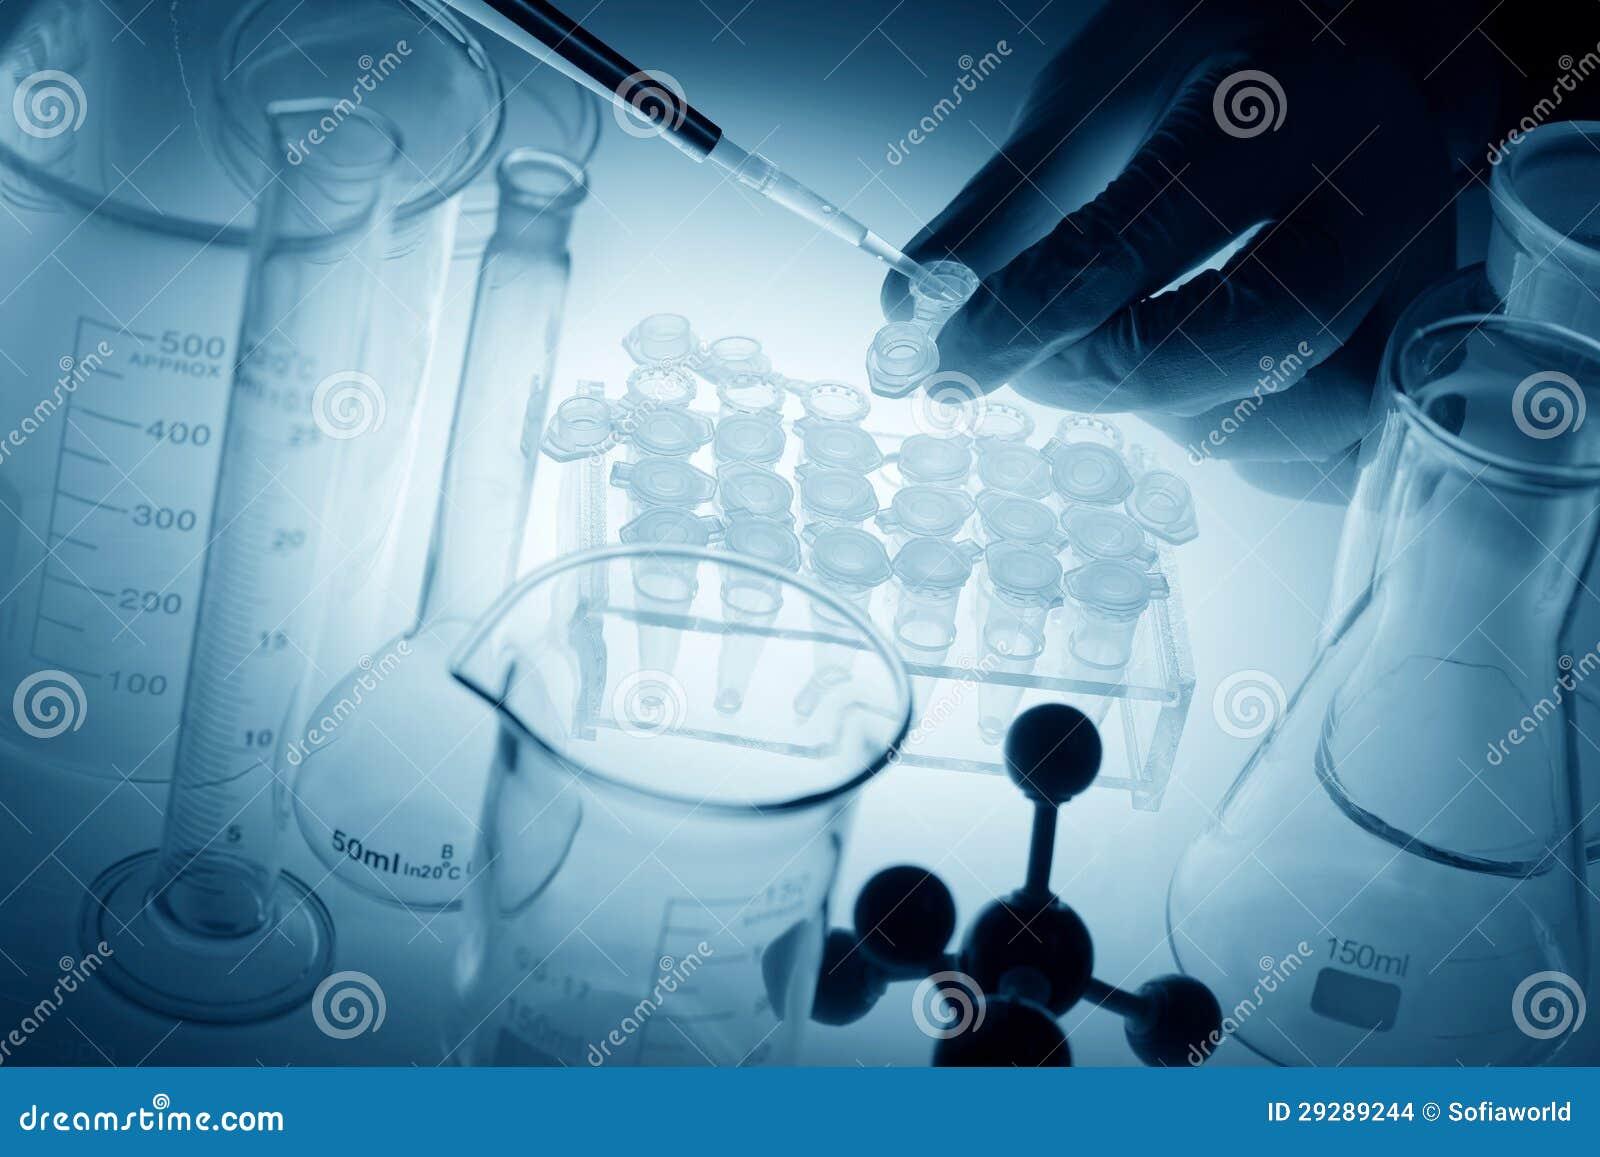 Vetenskap och medicinsk forskning